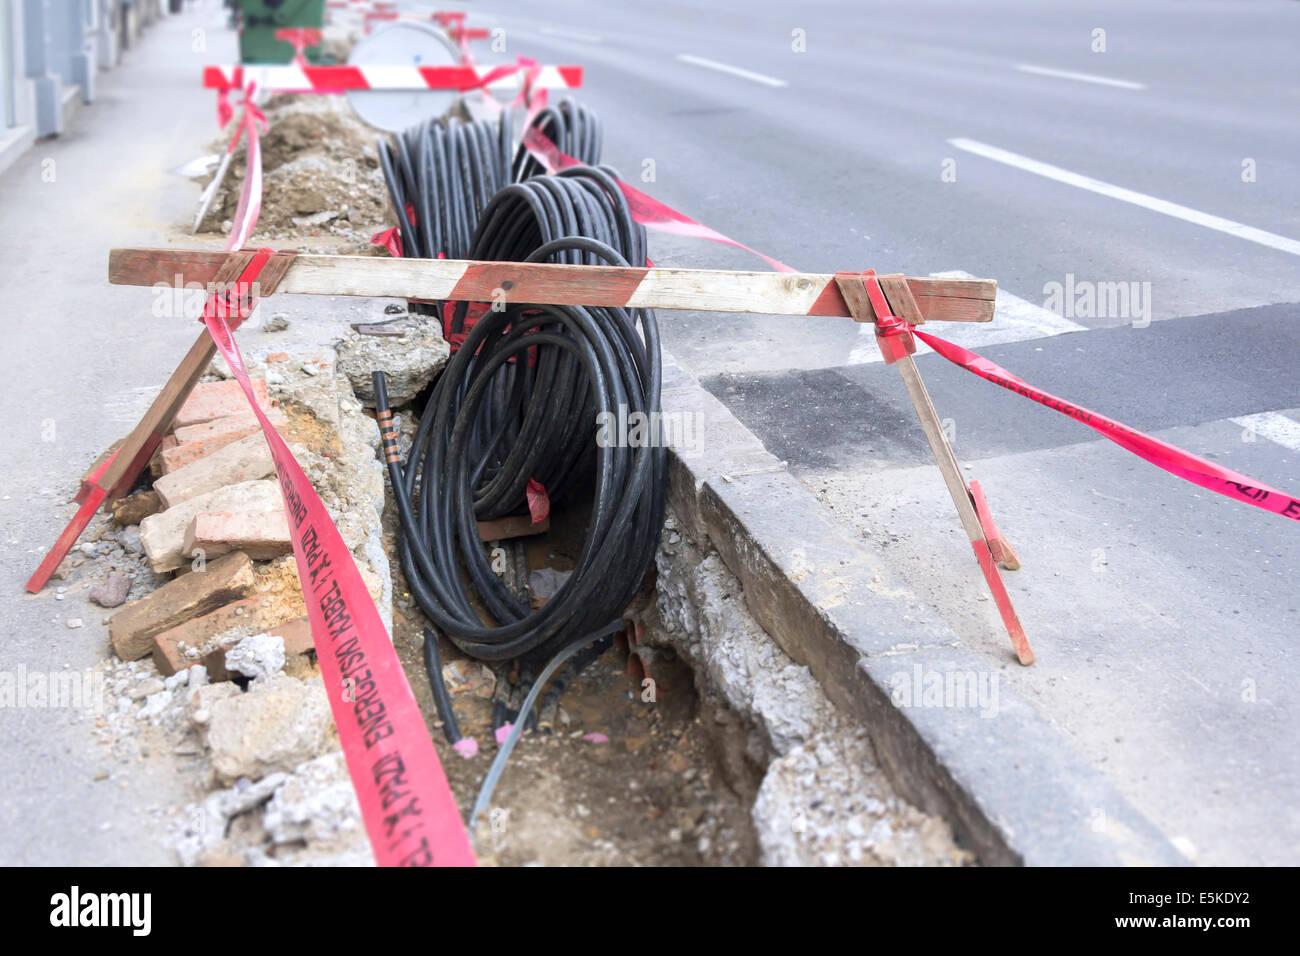 road-ausgrabung auf einer baustelle in leerrohre für die verlegung